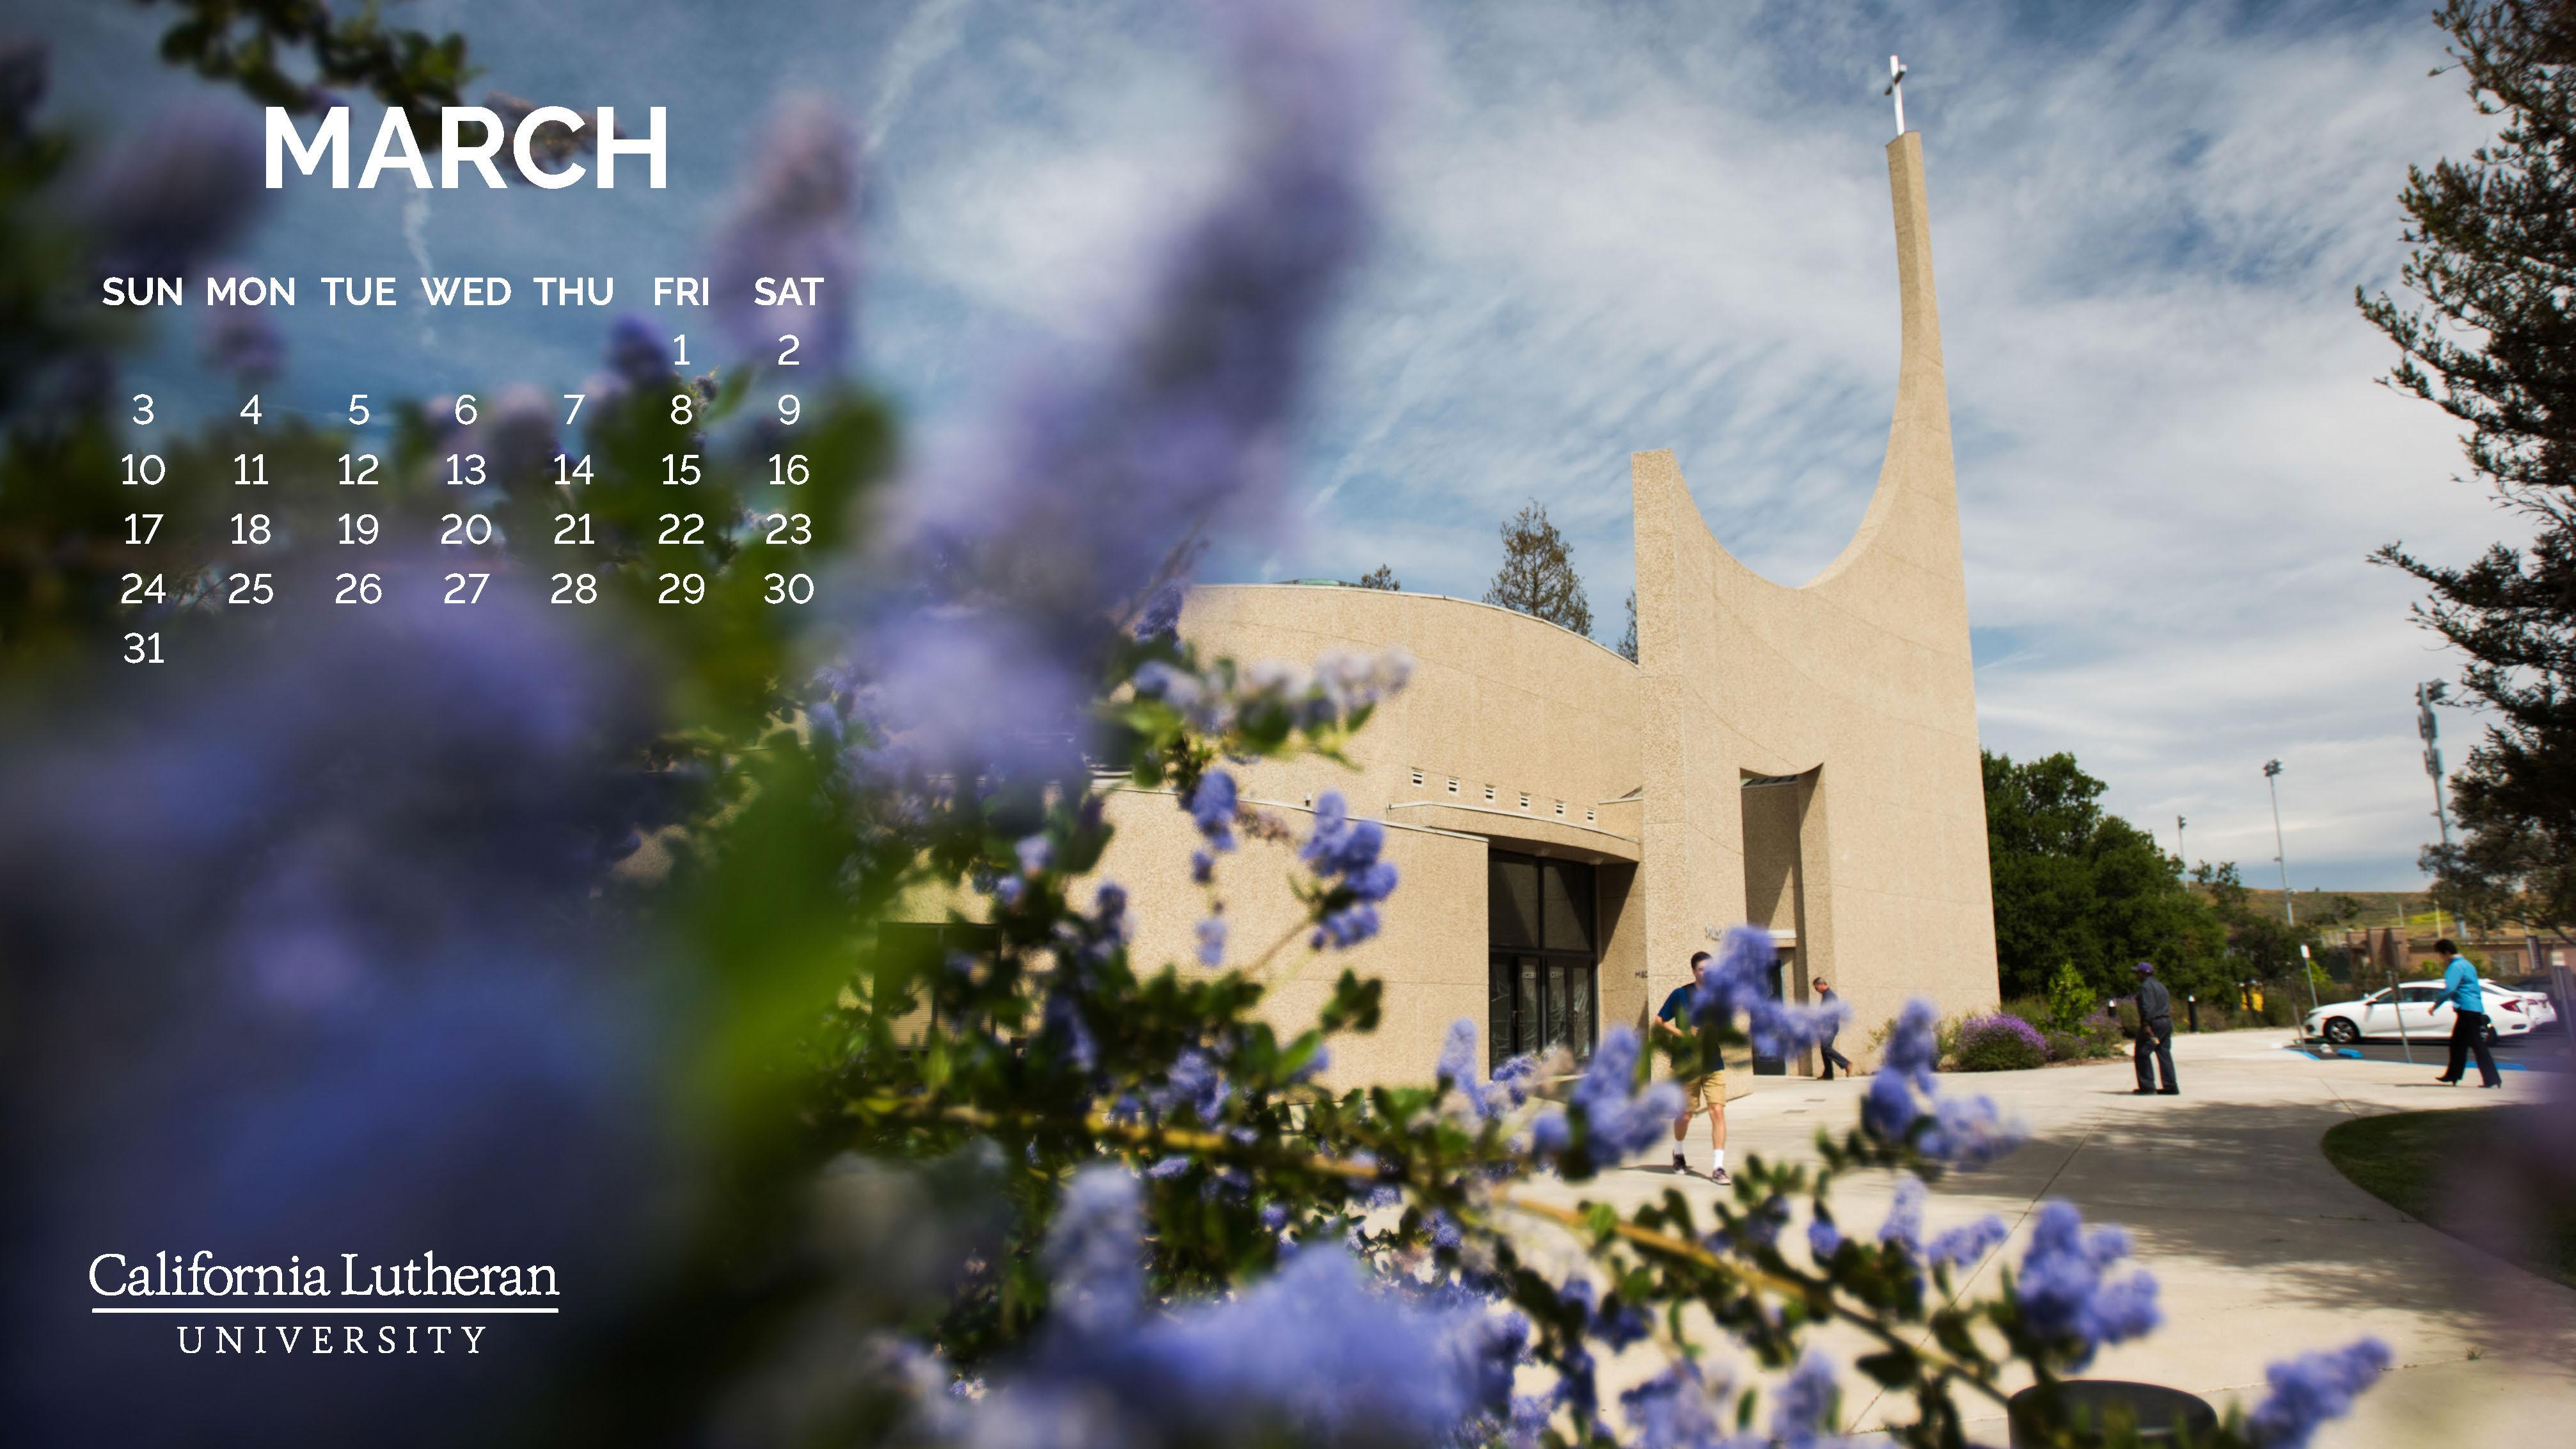 Digital Wallpaper Downloads Cal Lutheran Alumni